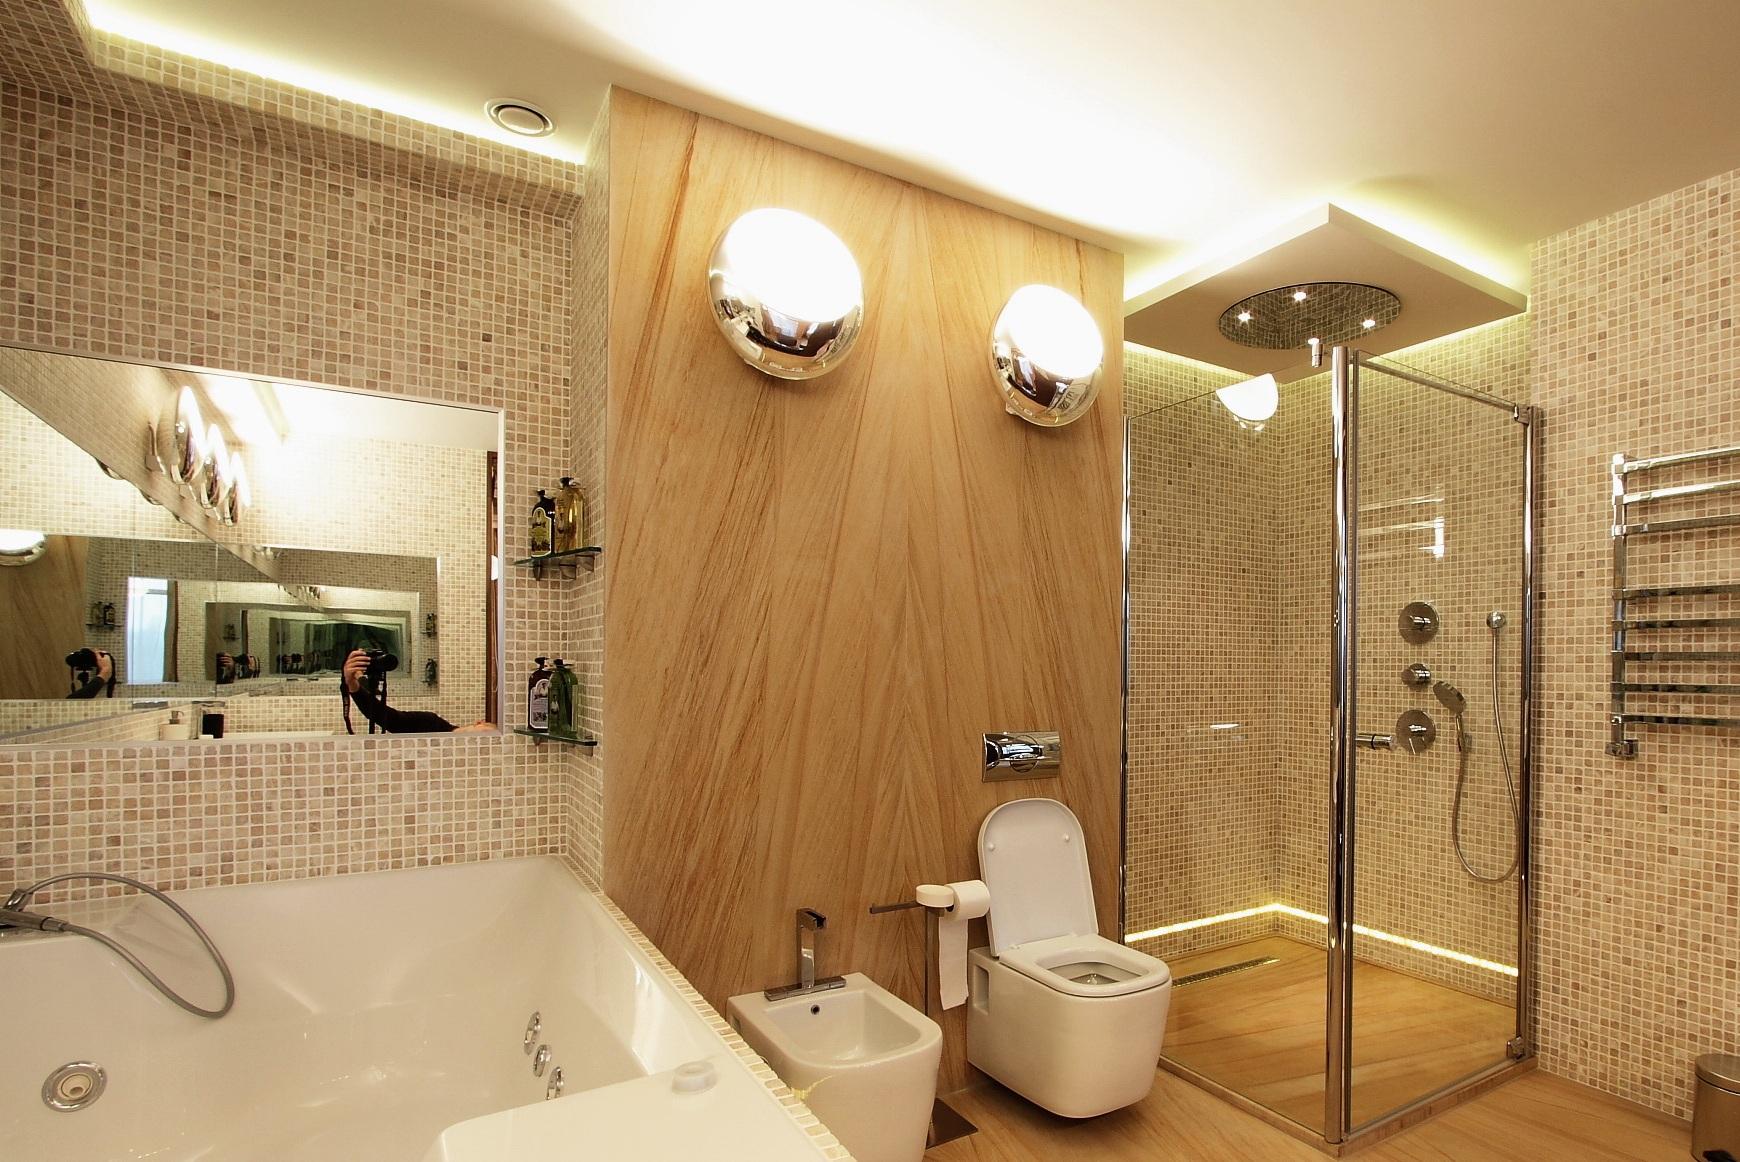 Зеркала напротив друг друга в ванной комнате